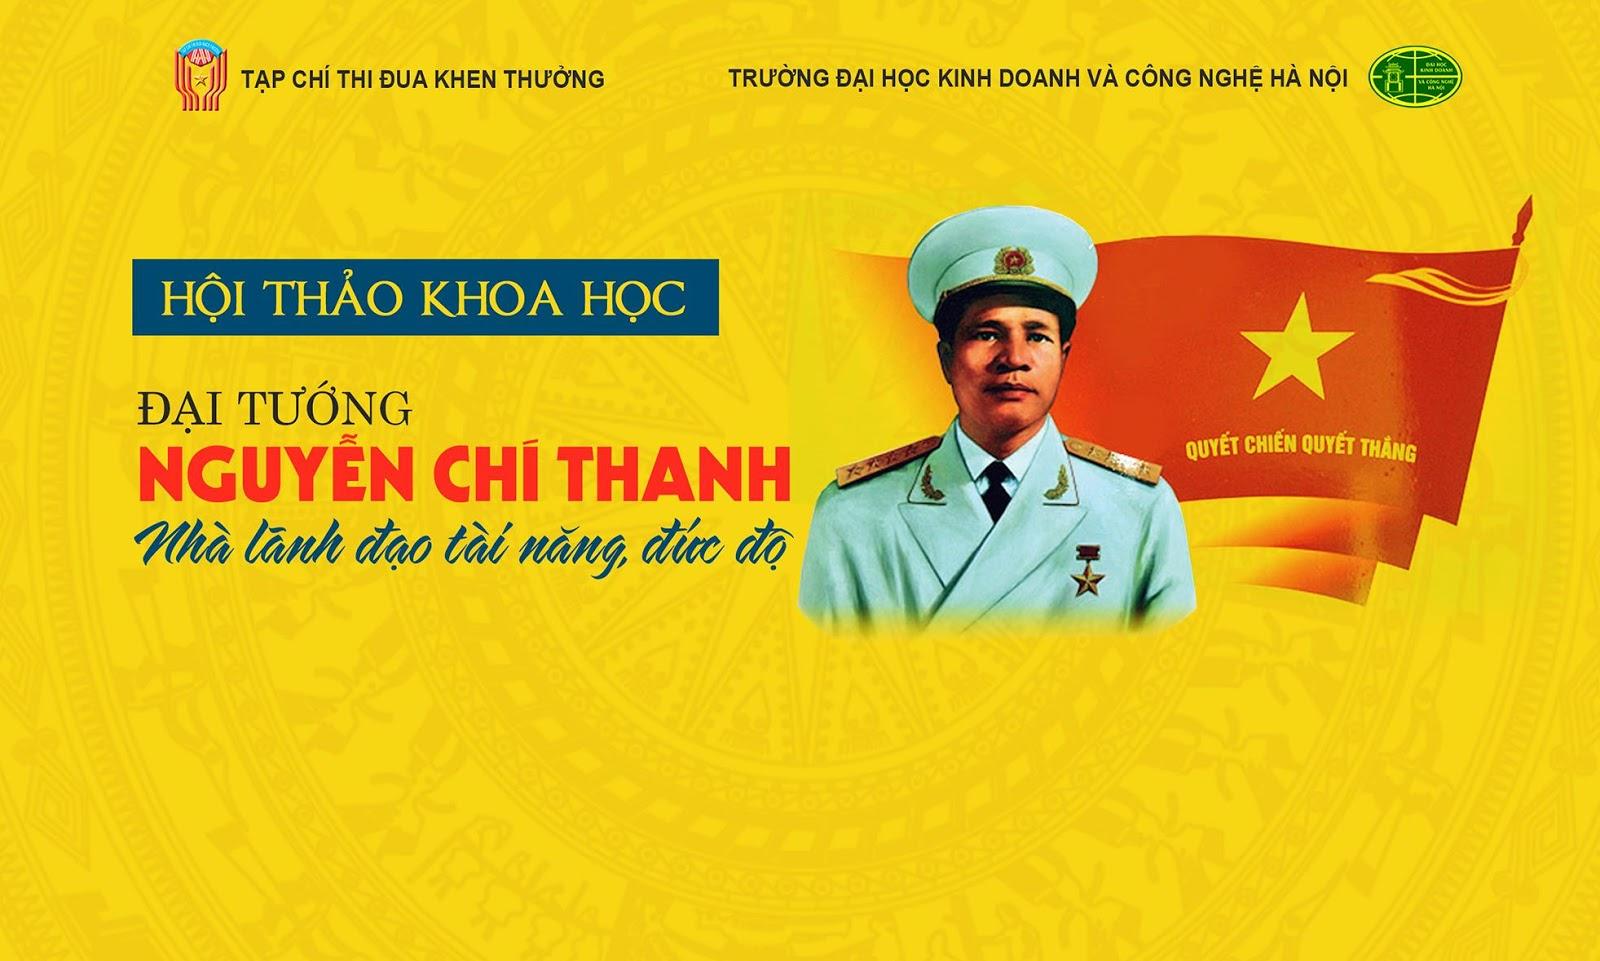 """Hội thảo khoa học """"Đại tướng Nguyễn Chí Thanh – Nhà lãnh đạo tài năng, đức độ"""" - Ảnh 1"""